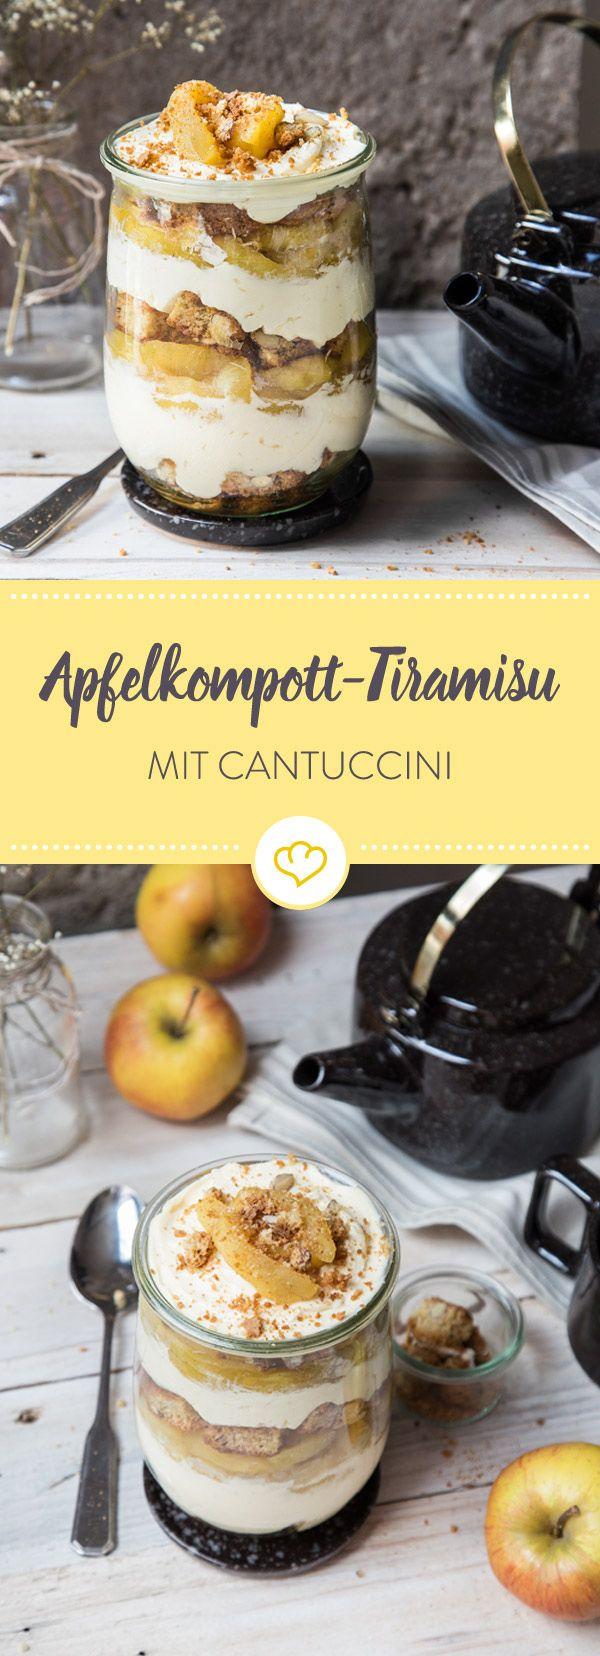 Dieses köstlich frische Apfelkompott Tiramisu mit Cantuccini ist für groß und klein! Denn es ist komplett ohne Kaffee und Alkoholfrei.